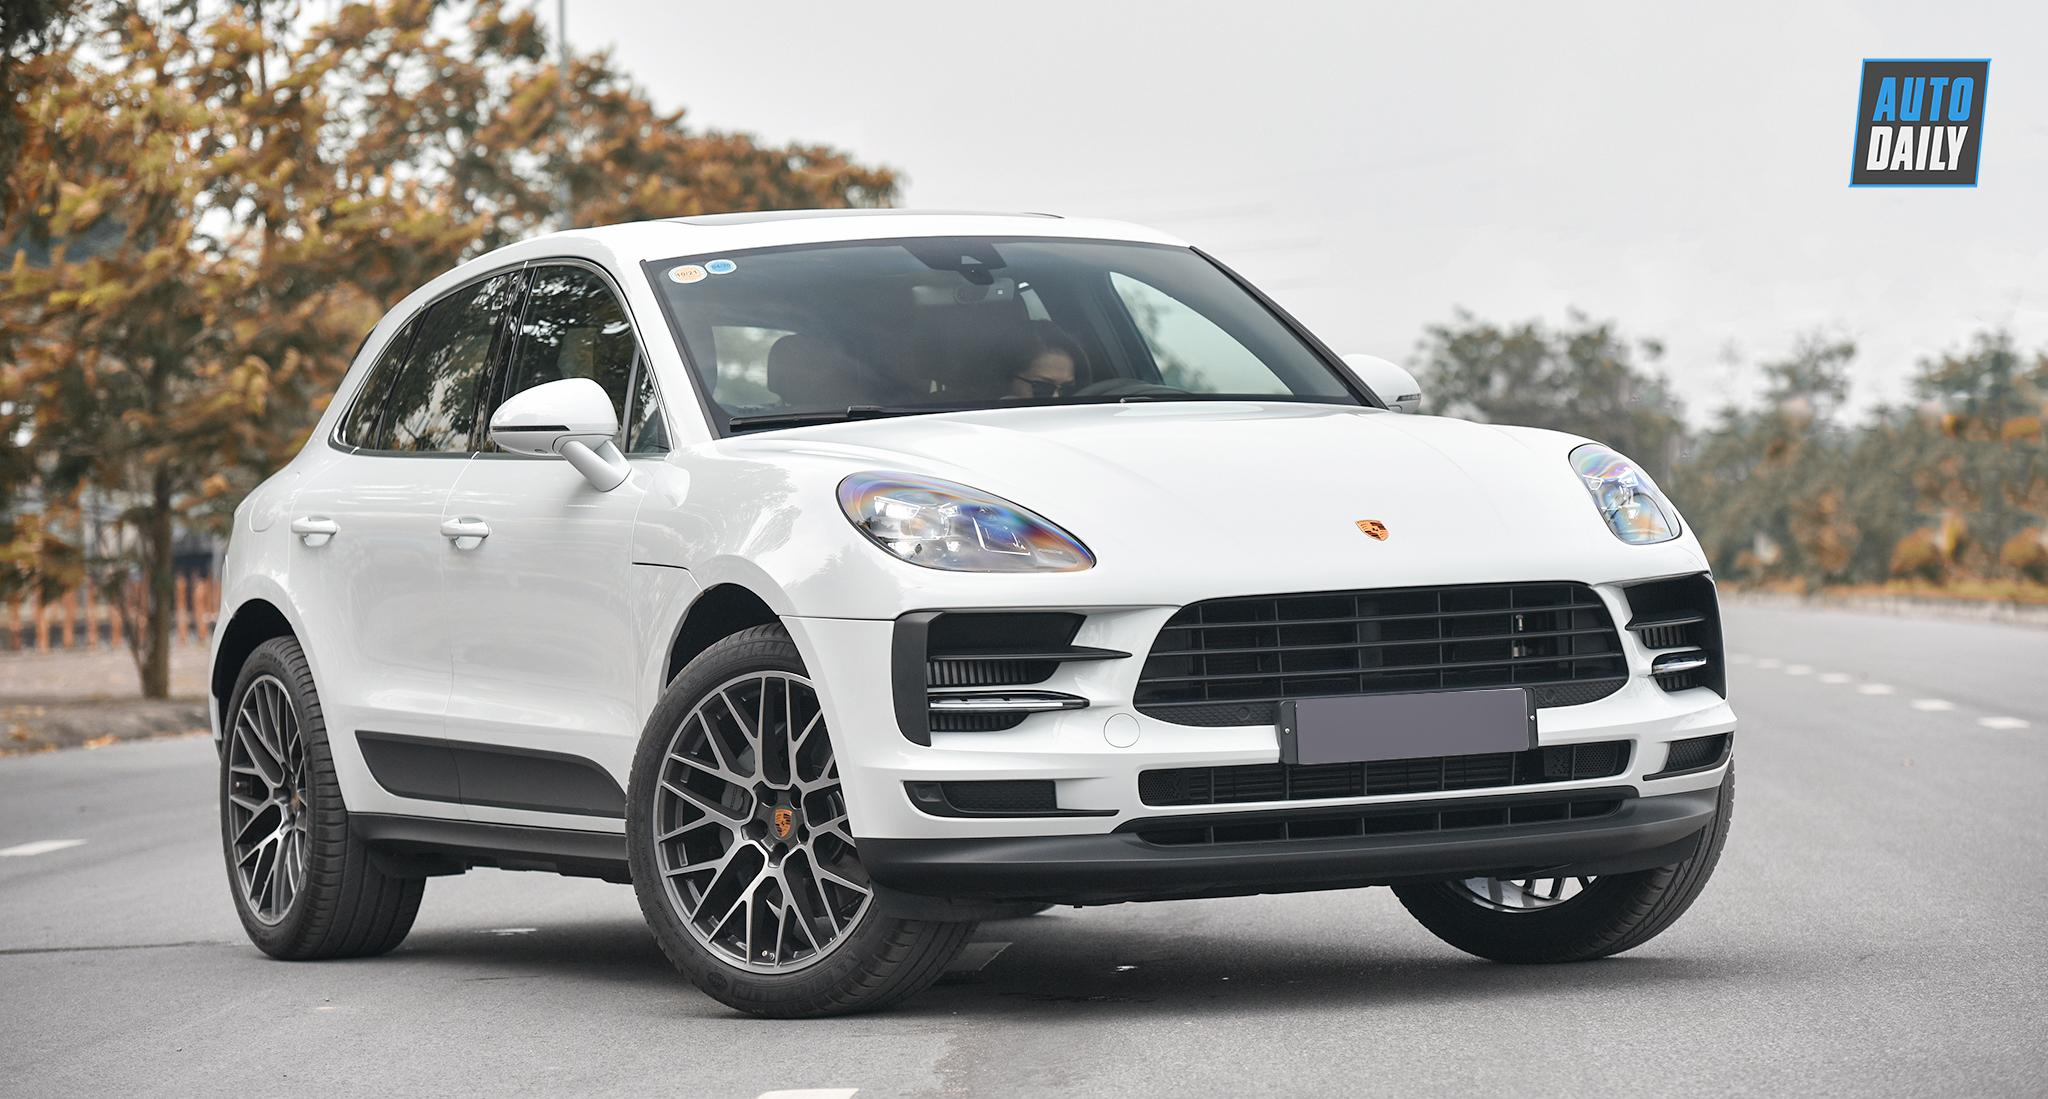 Ảnh chi tiết Porsche Macan S 2019 giá 4,55 tỷ đồng tại Hà Nội